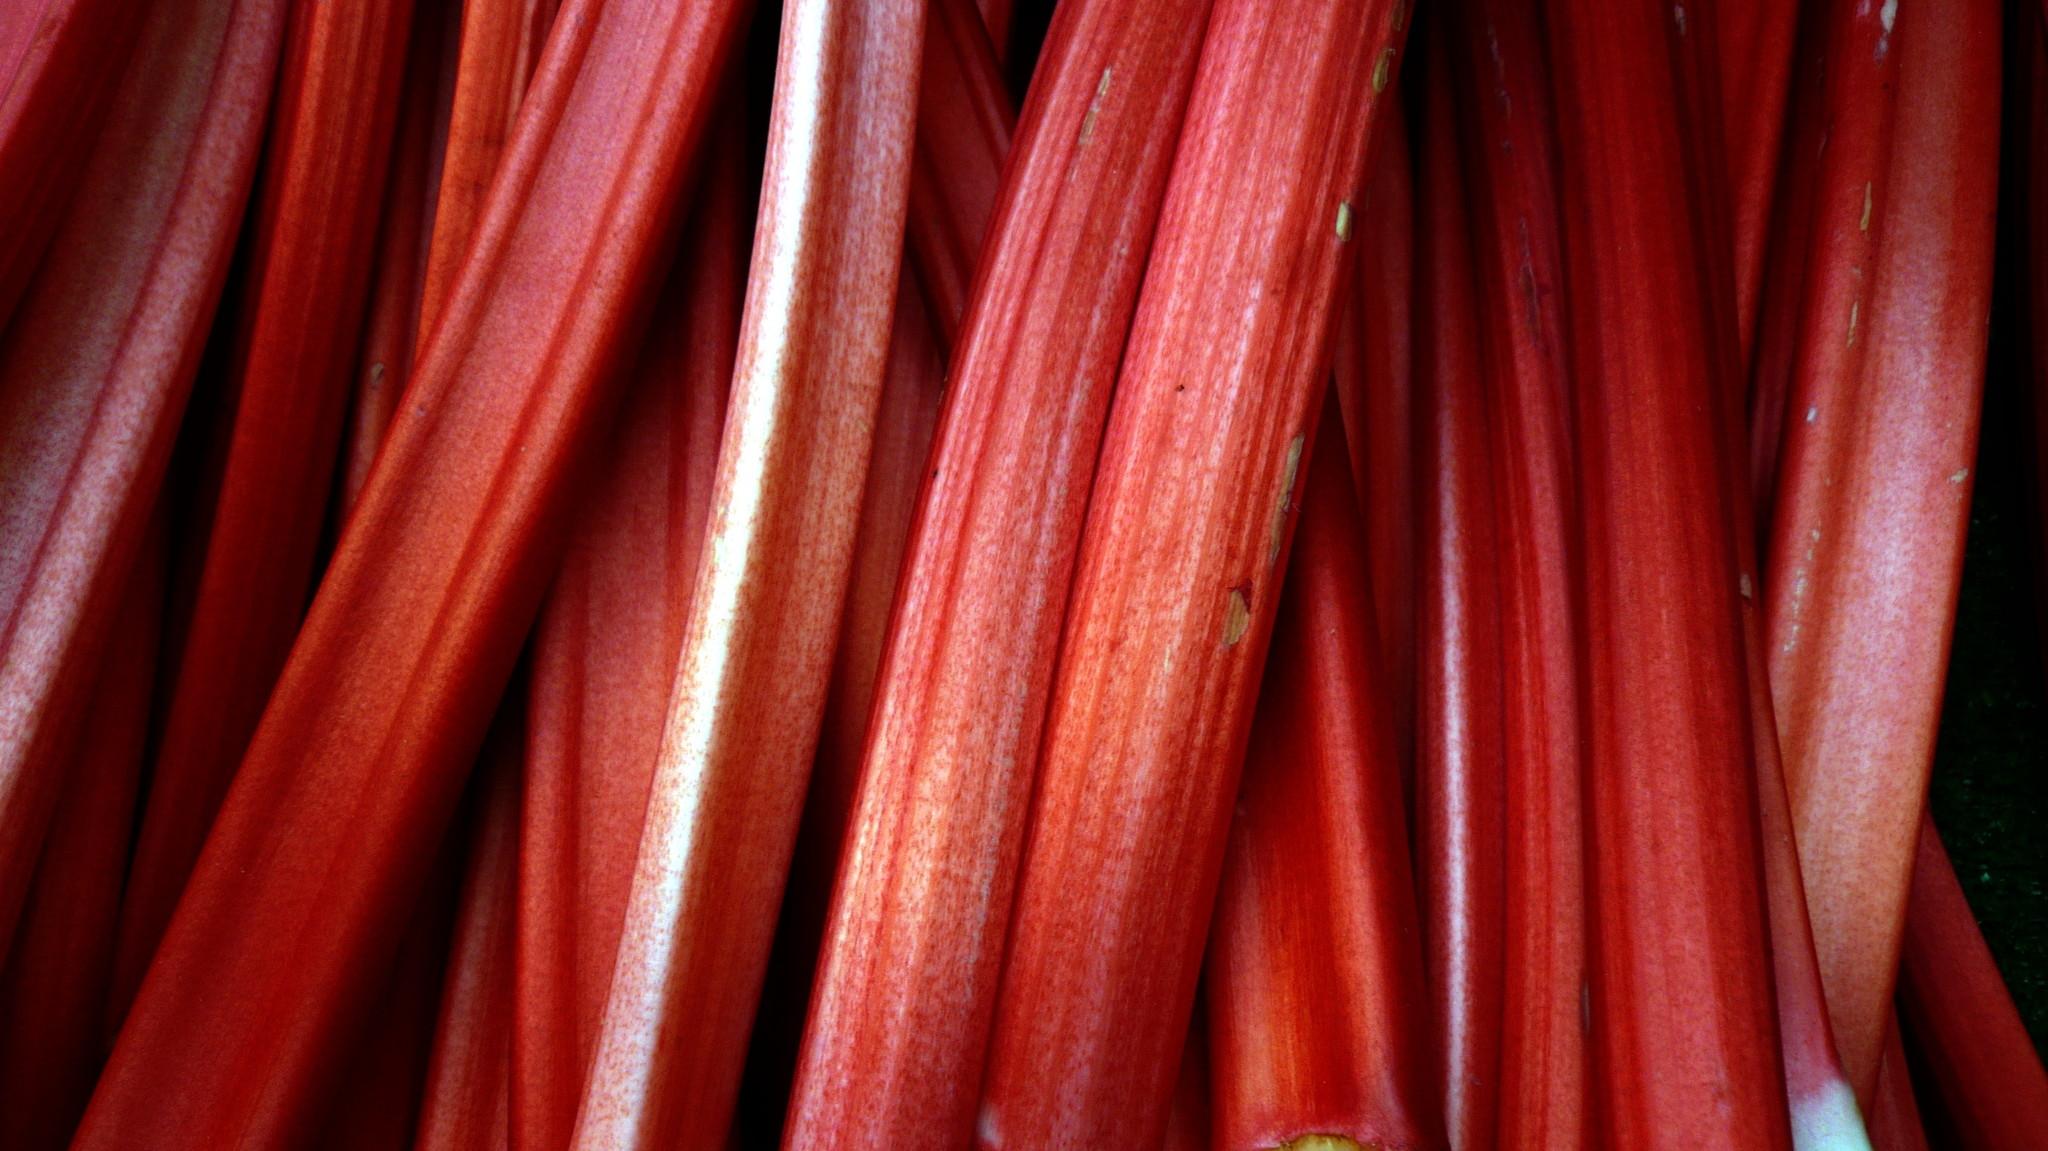 Rhubarbe Canada Red